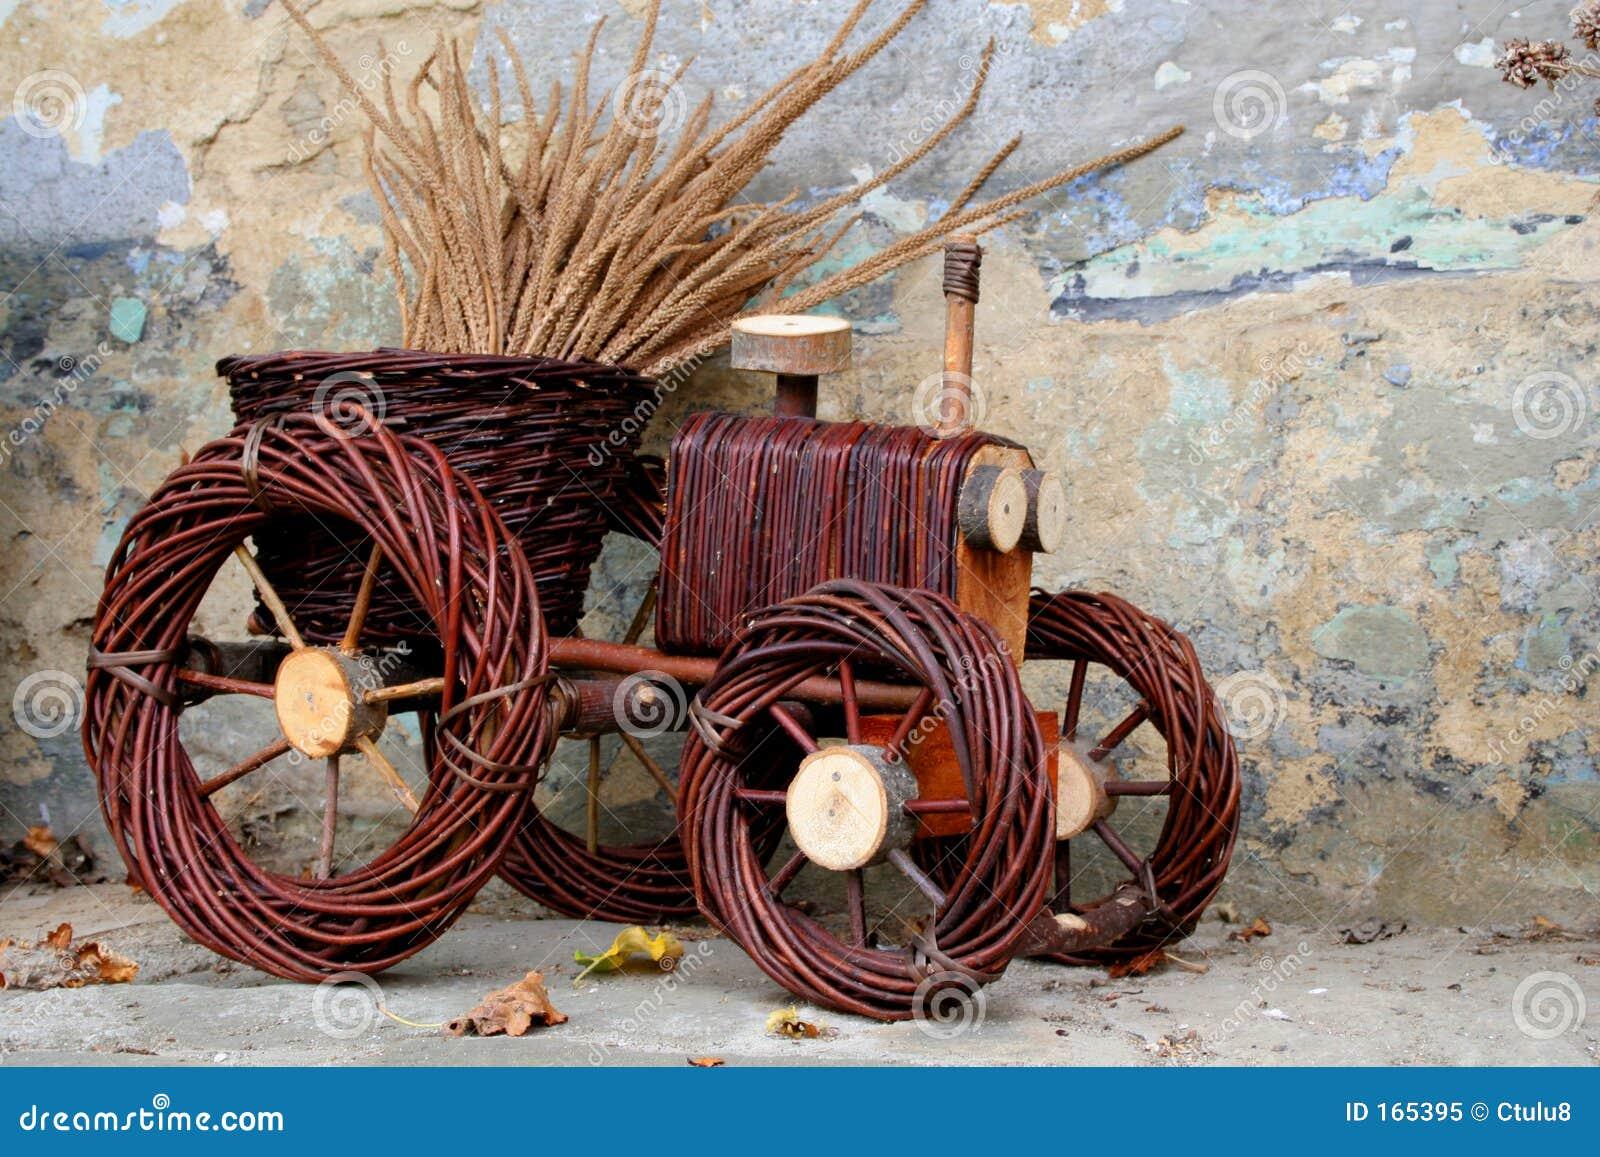 Flowerpot - tractor